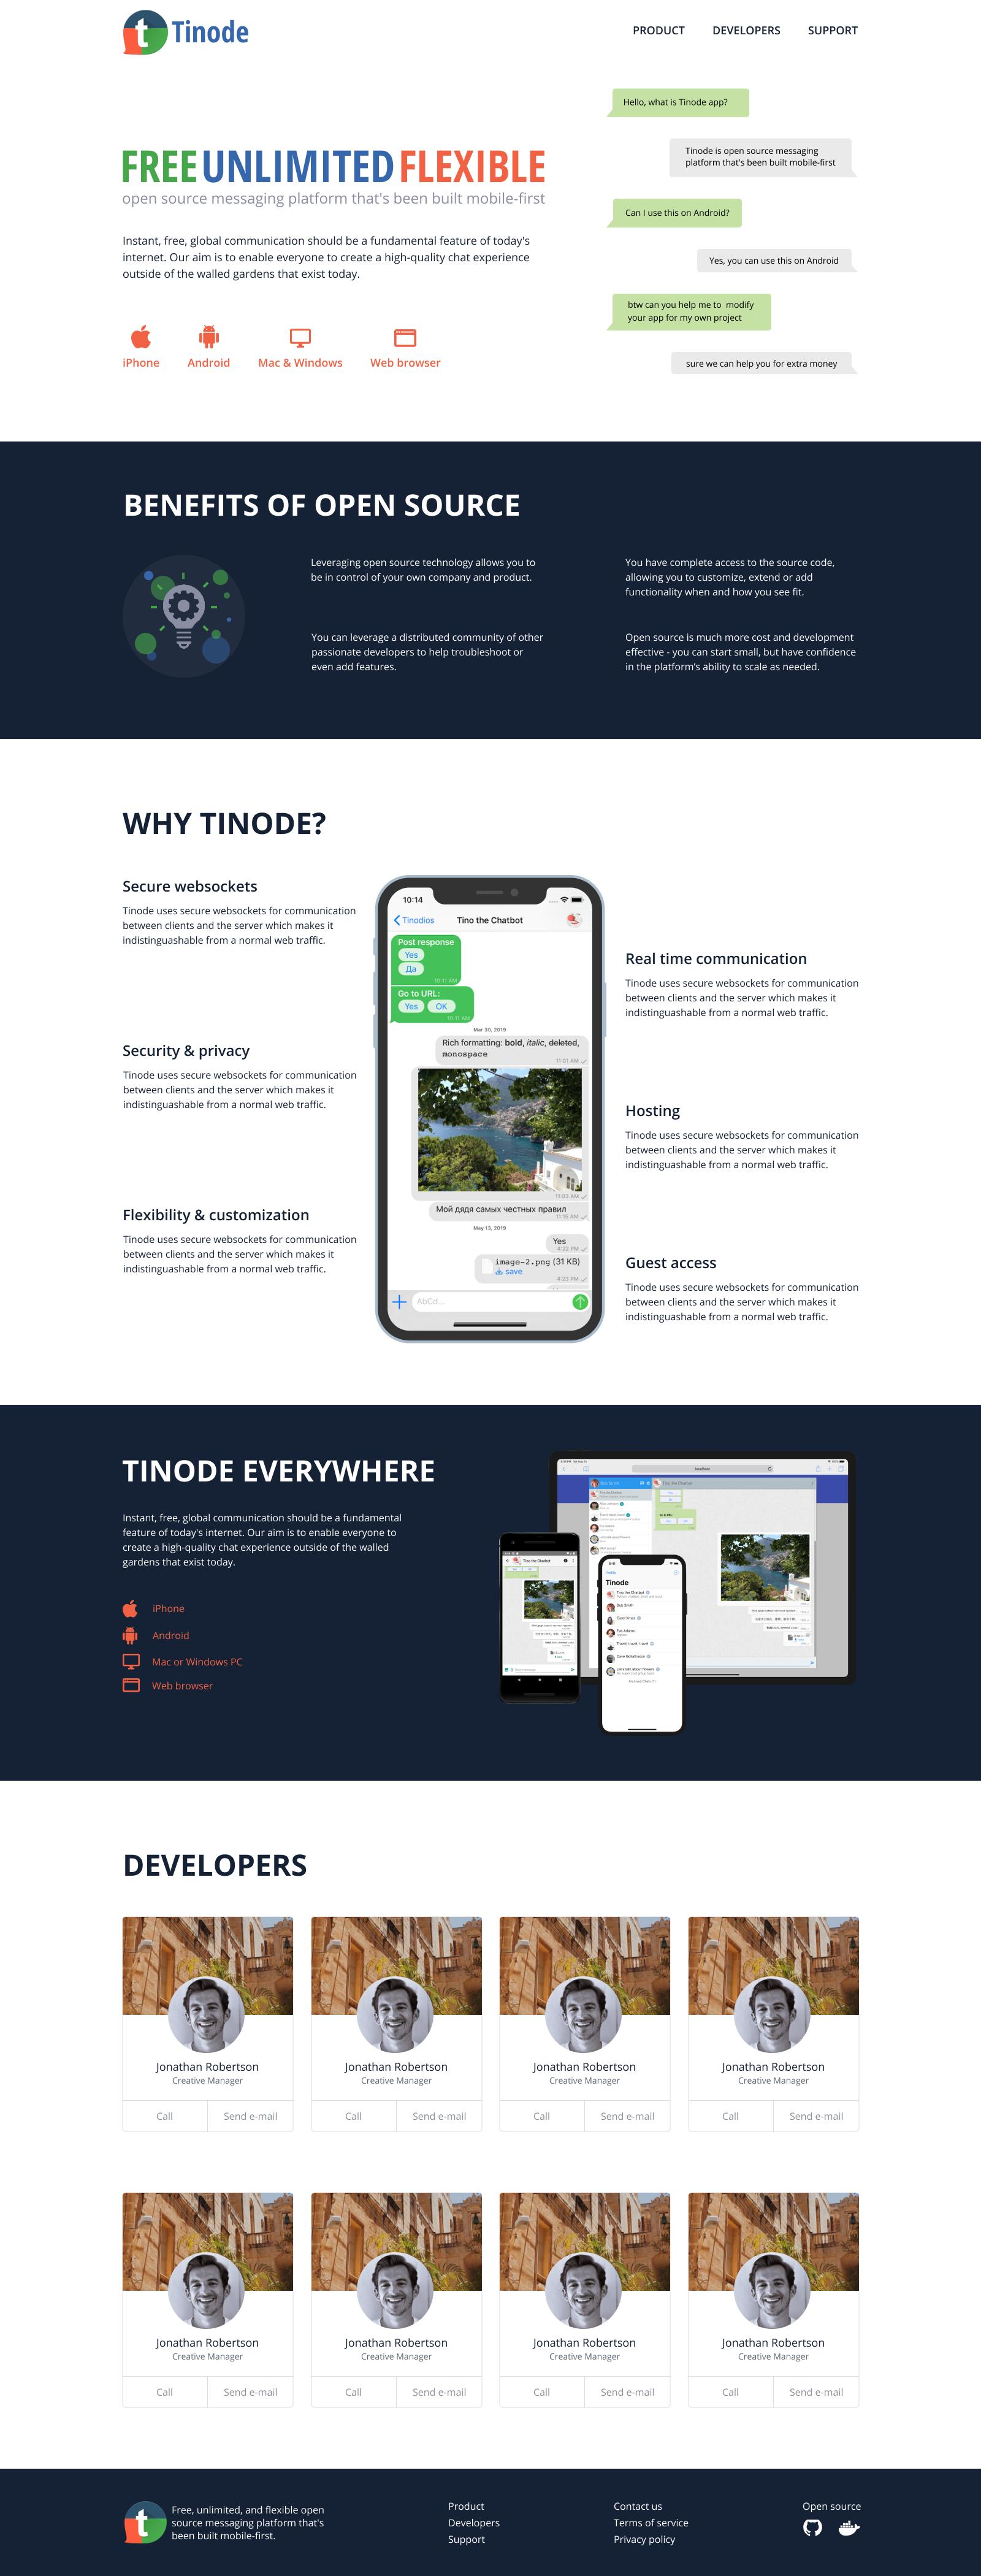 Дизайн сайта tinode.co фото f_7015d6f7ef6c7d38.png